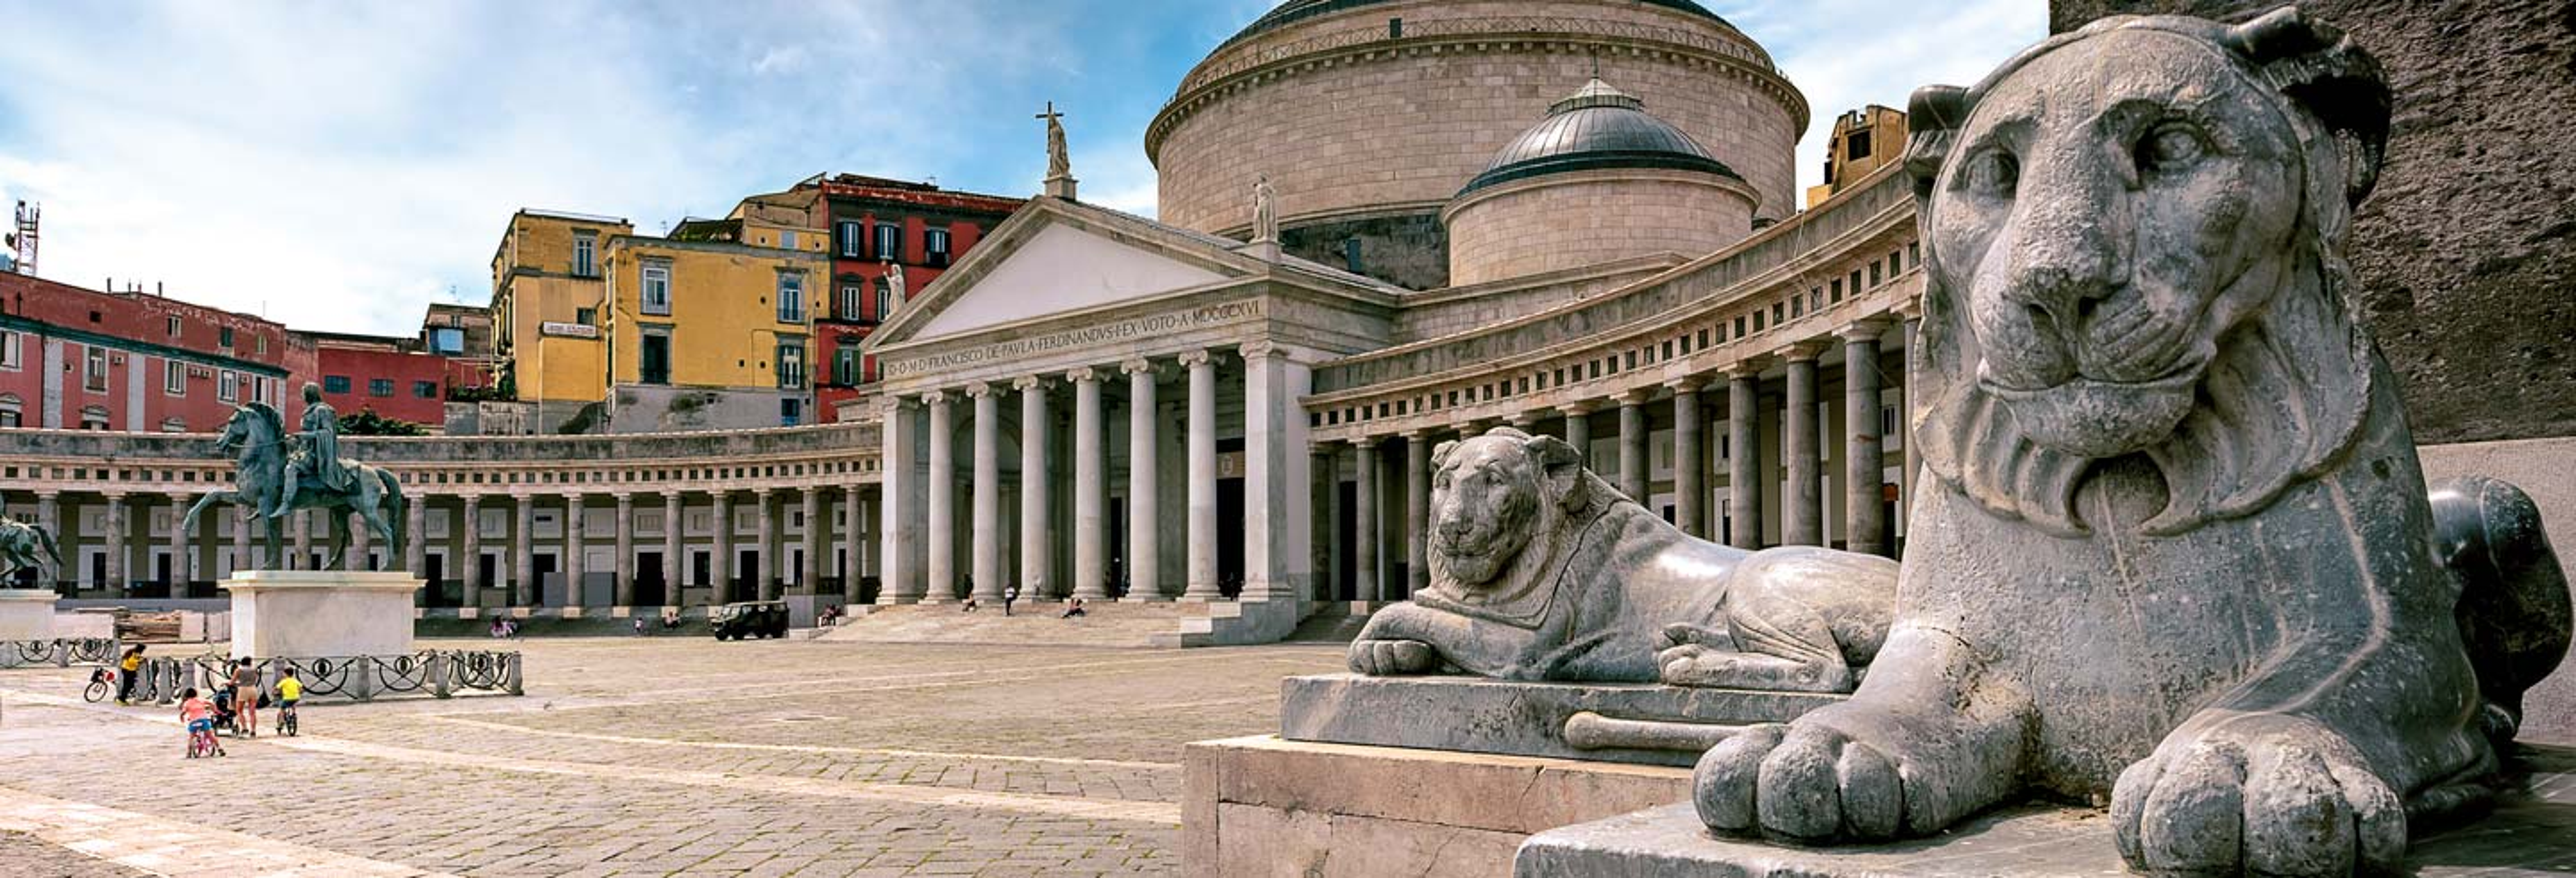 Tour panoramico di Napoli